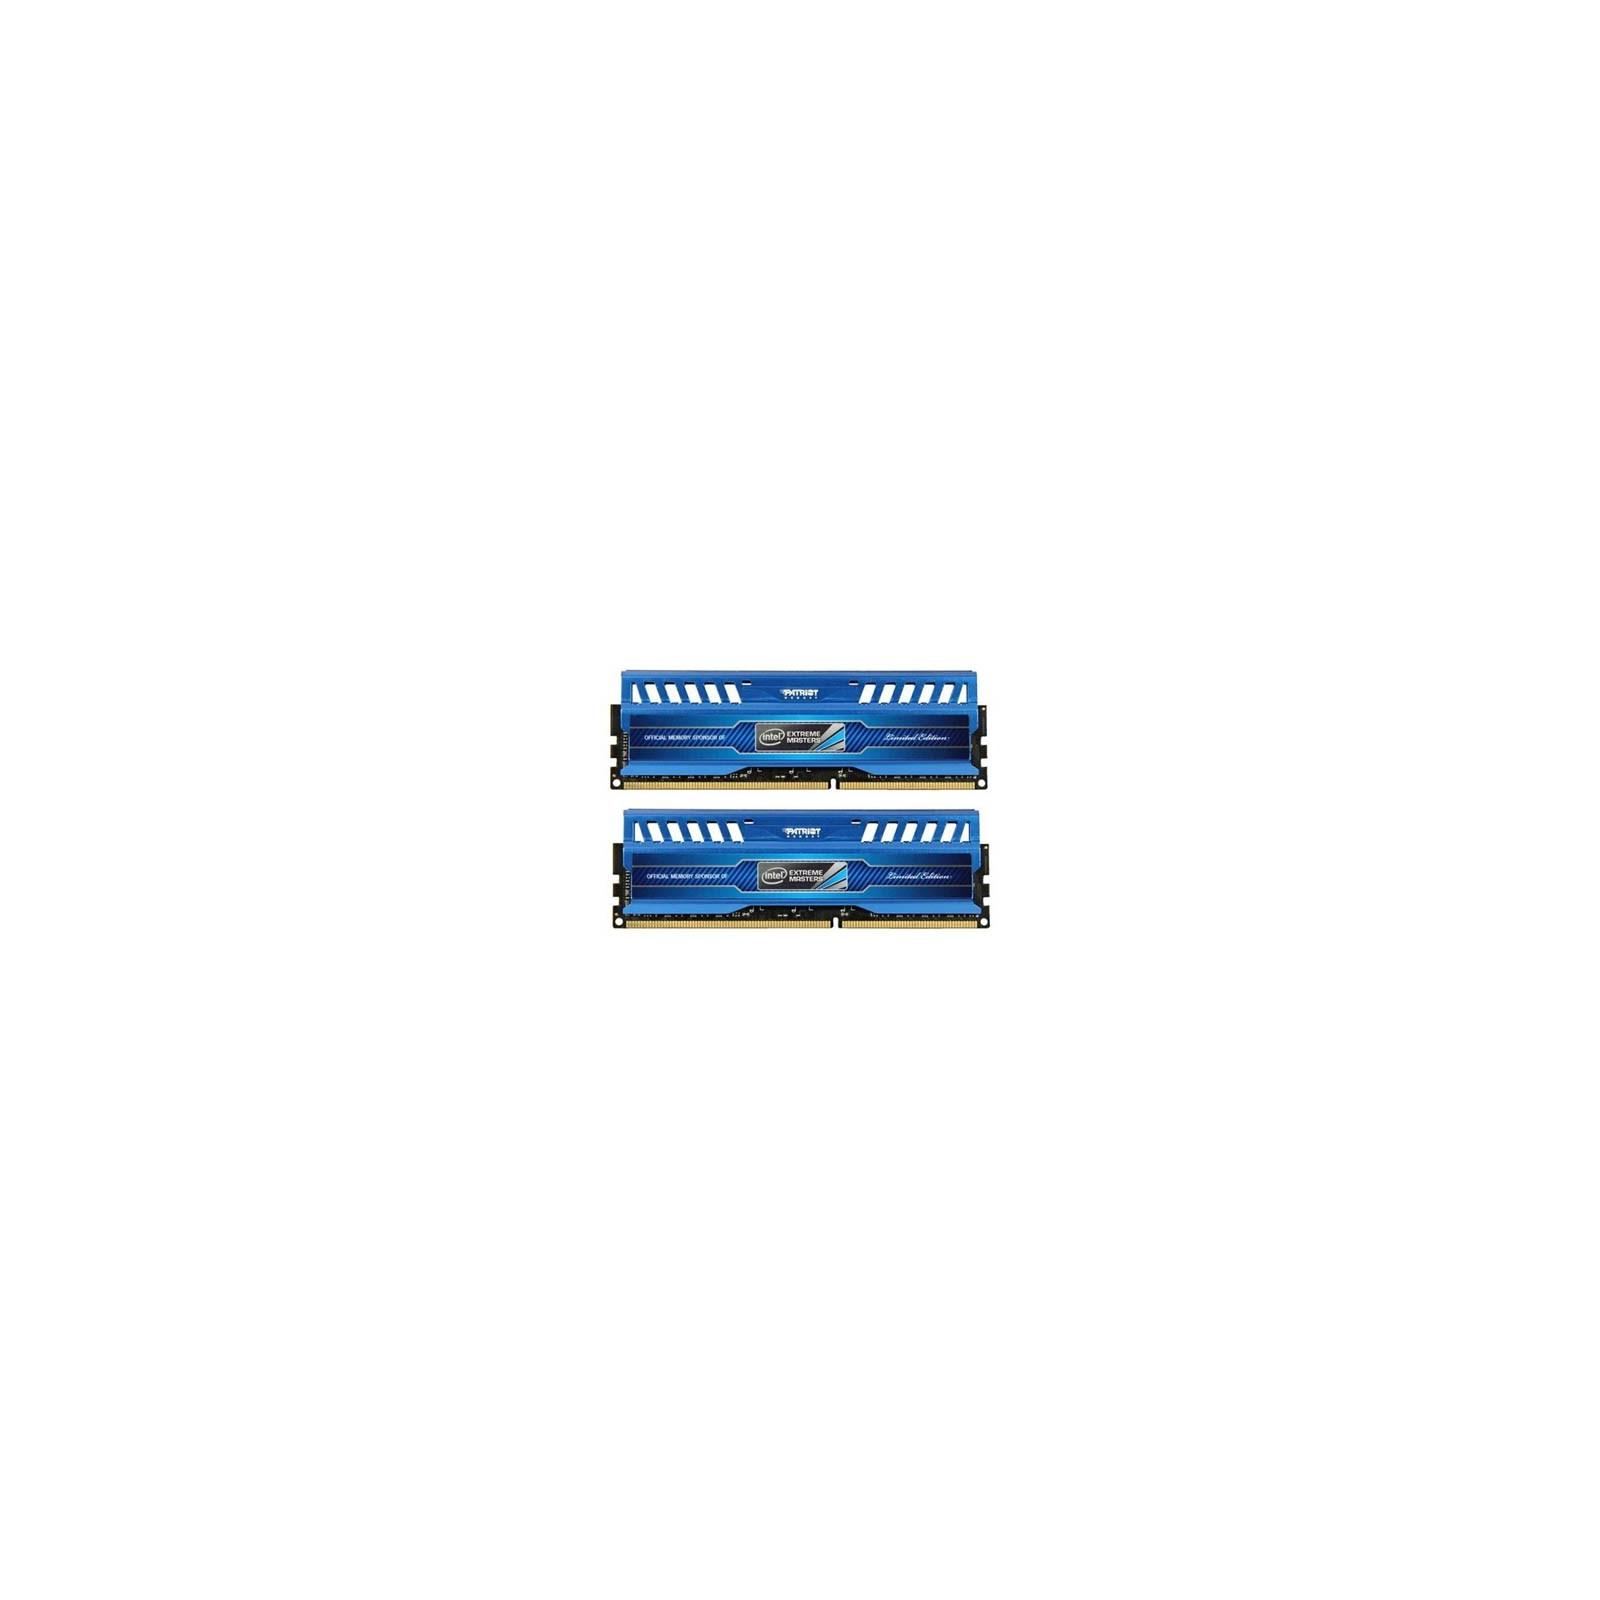 Модуль памяти для компьютера DDR3 8GB (2x4GB) 2133 MHz Patriot (PVI38G213C1K)